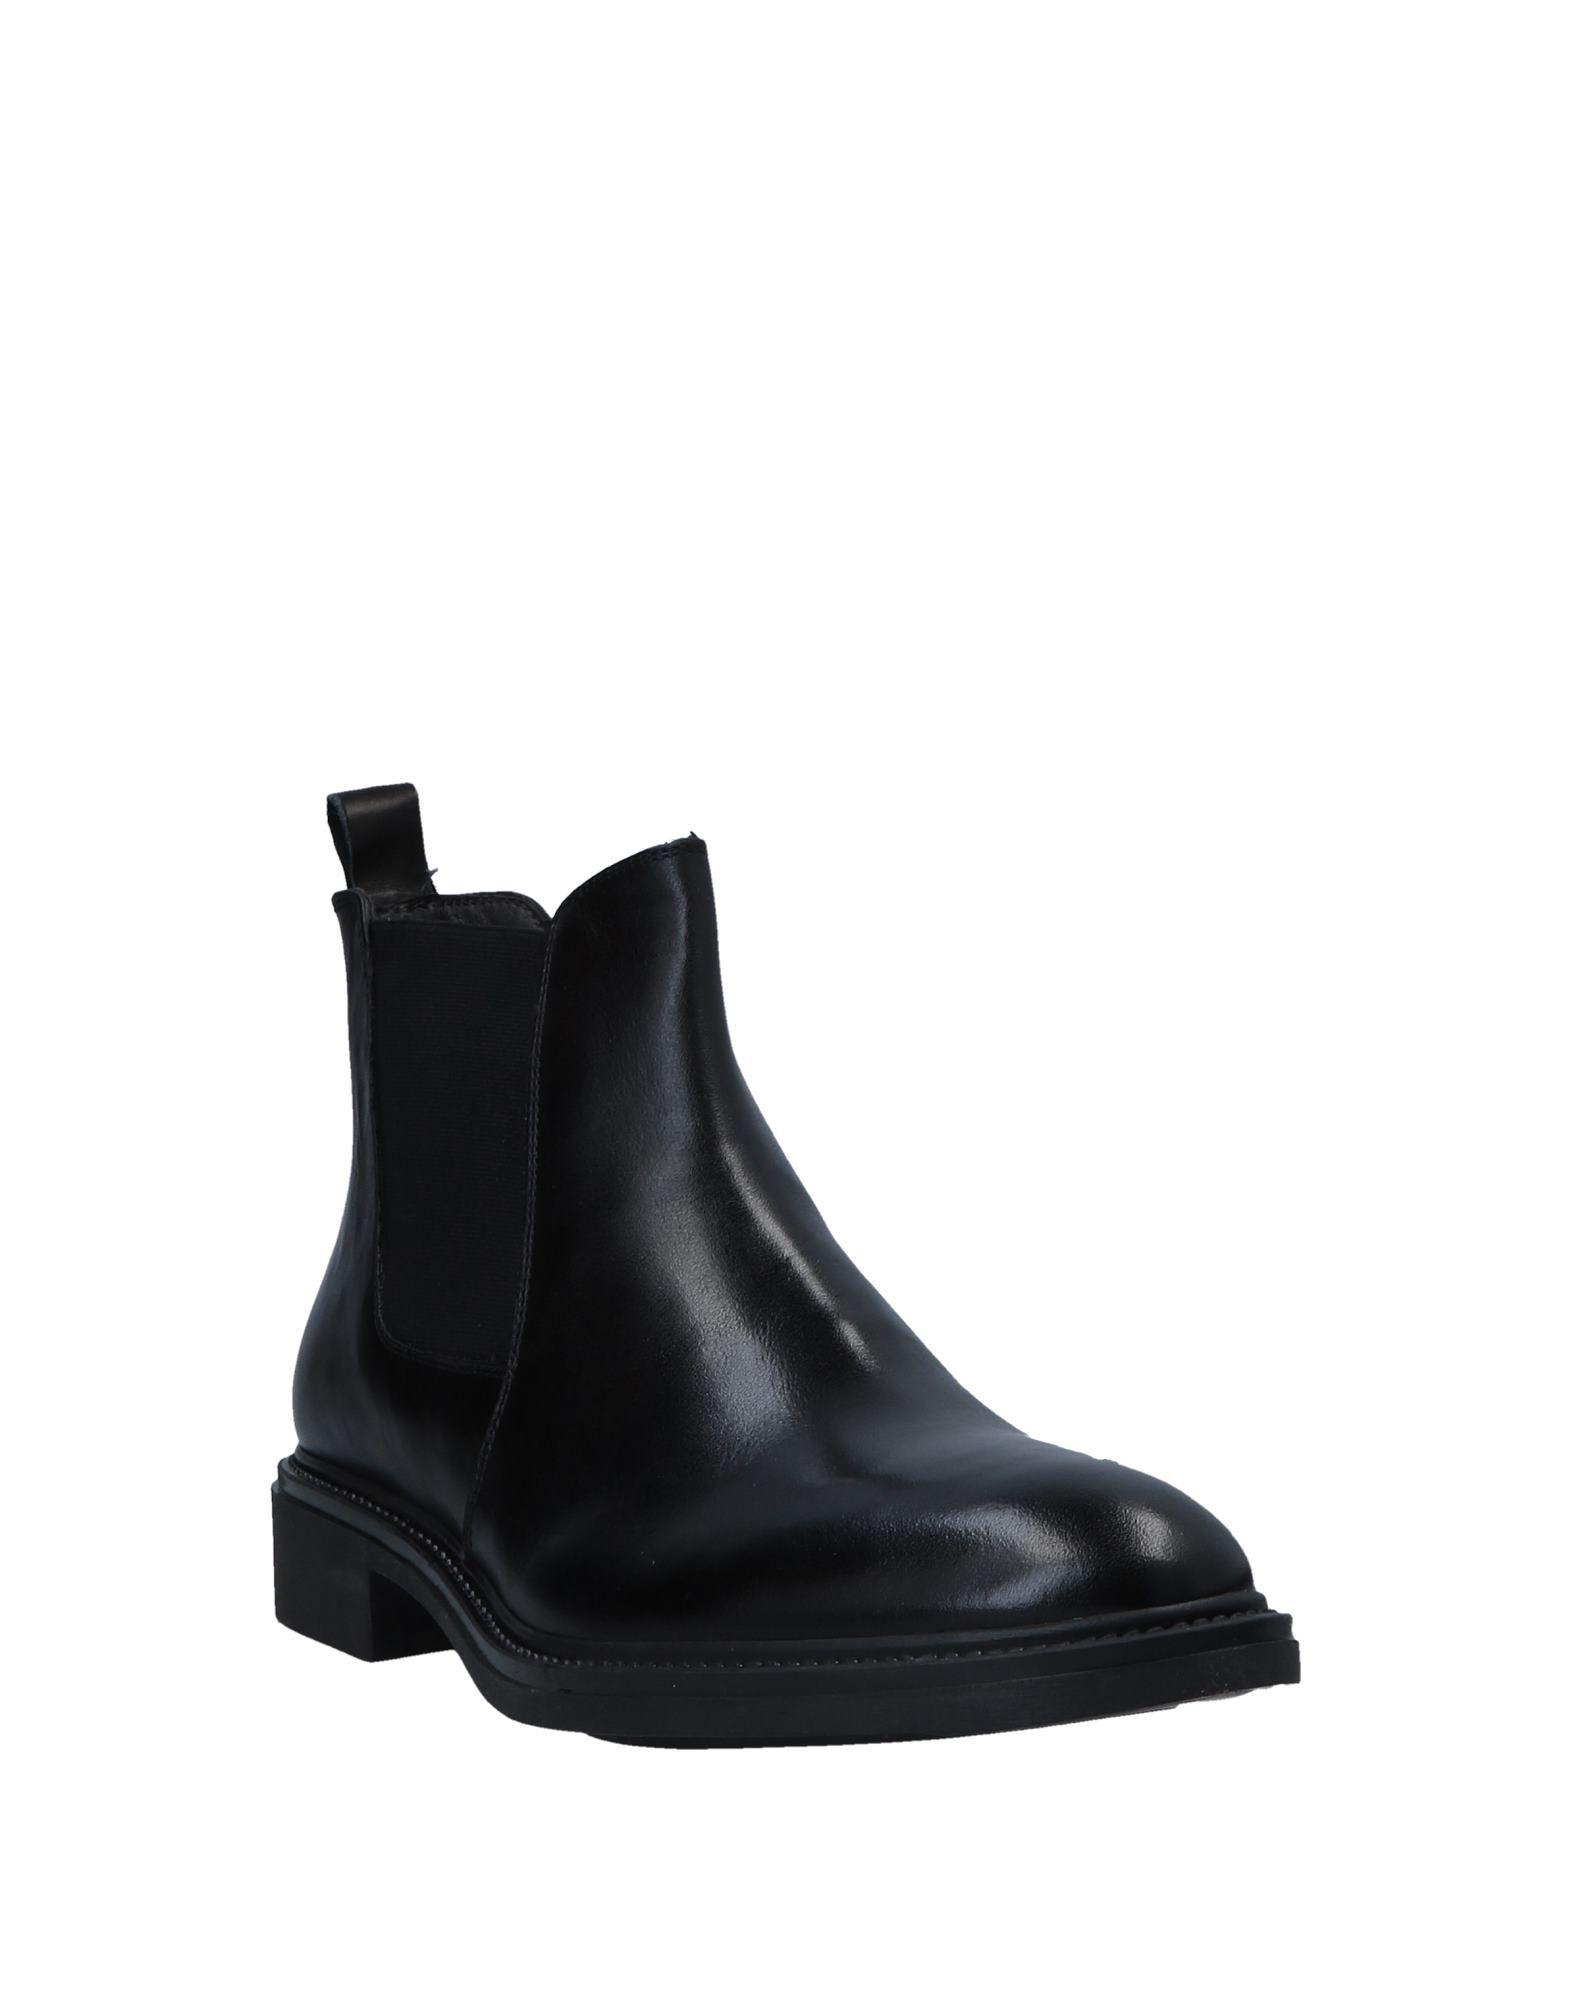 L&G Boots Boots Boots - Men L&G Boots online on  Australia - 11550949UR 7a1779